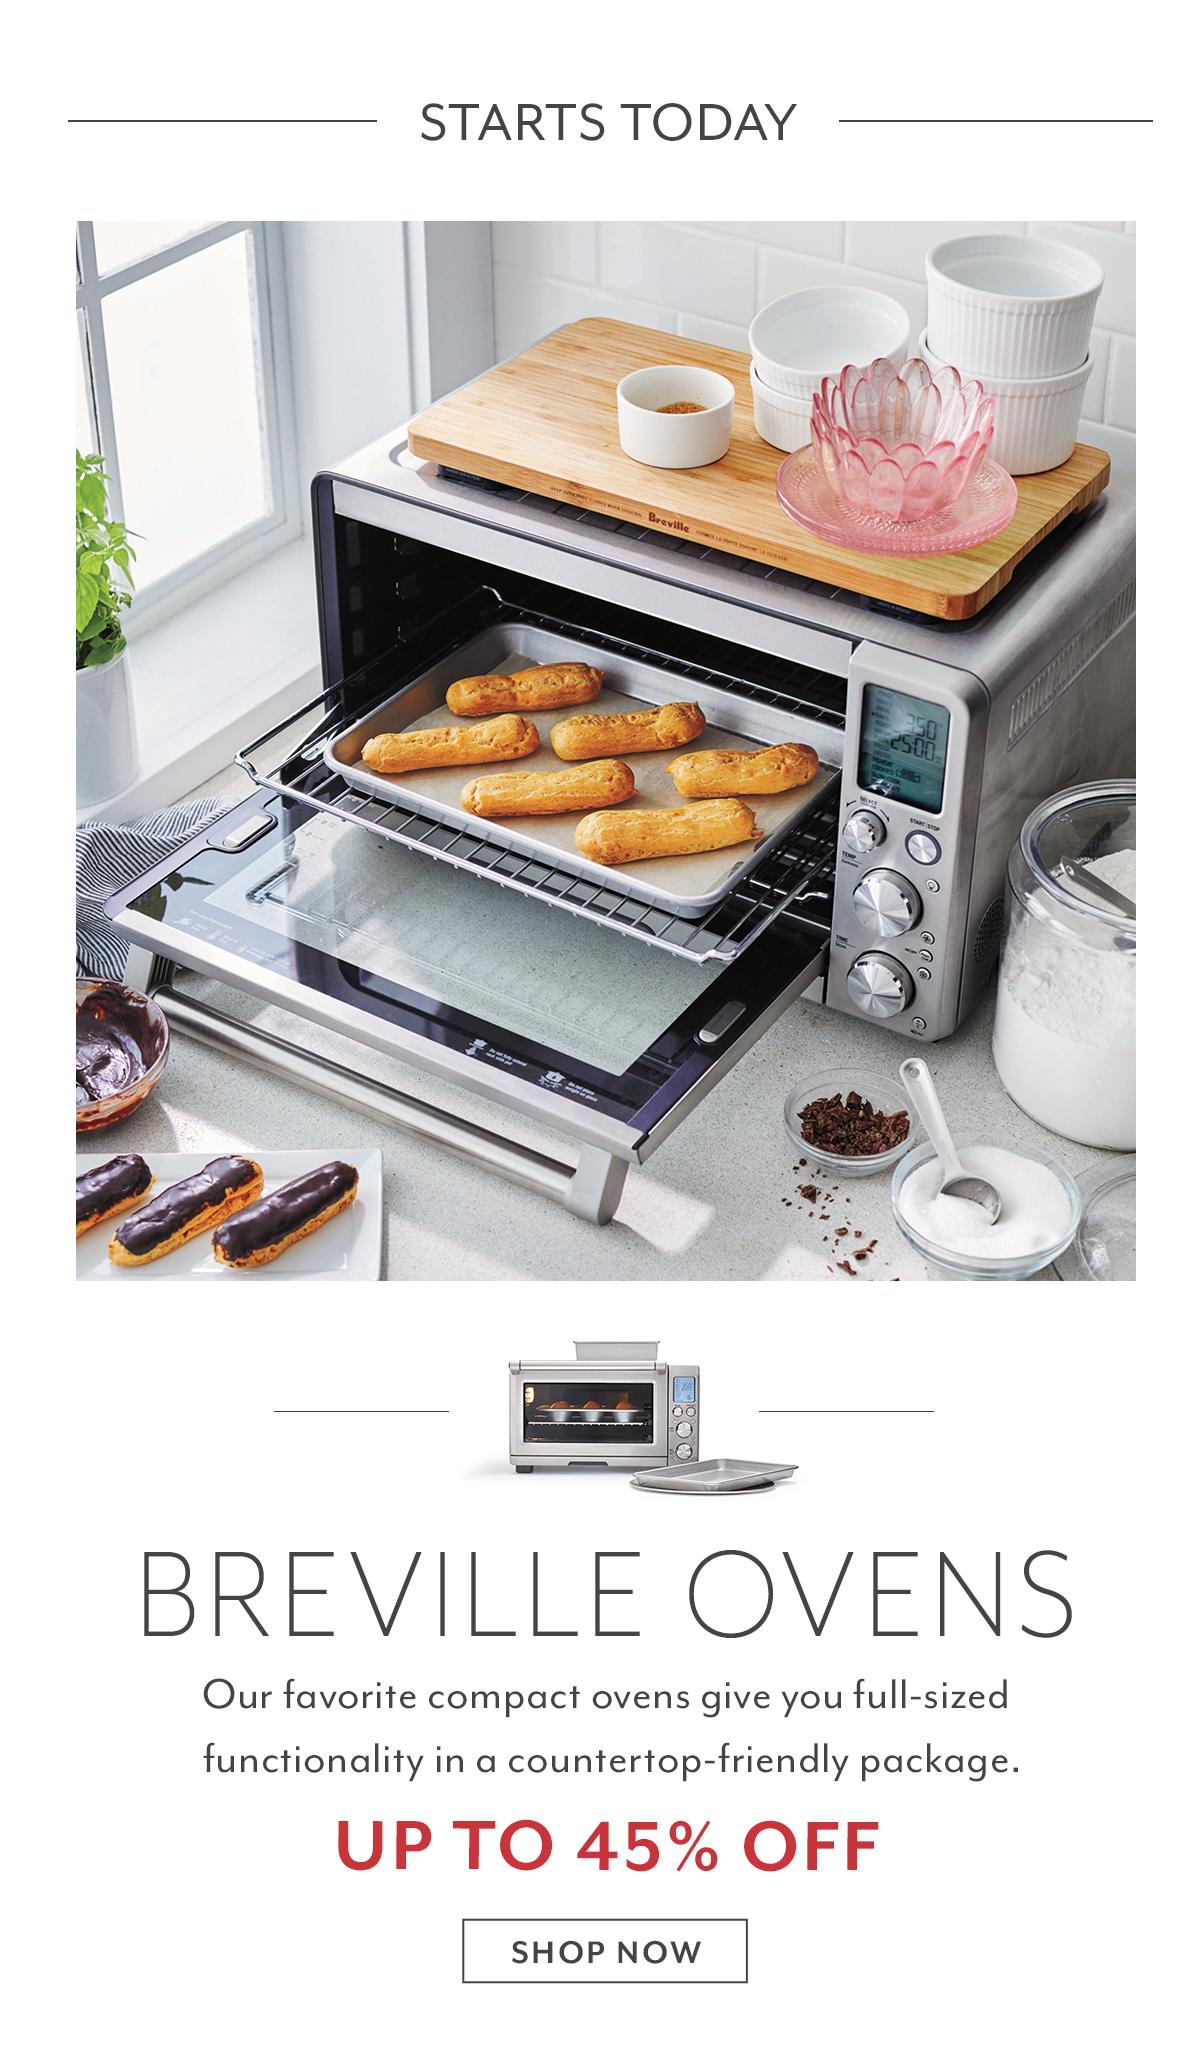 Breville Ovens